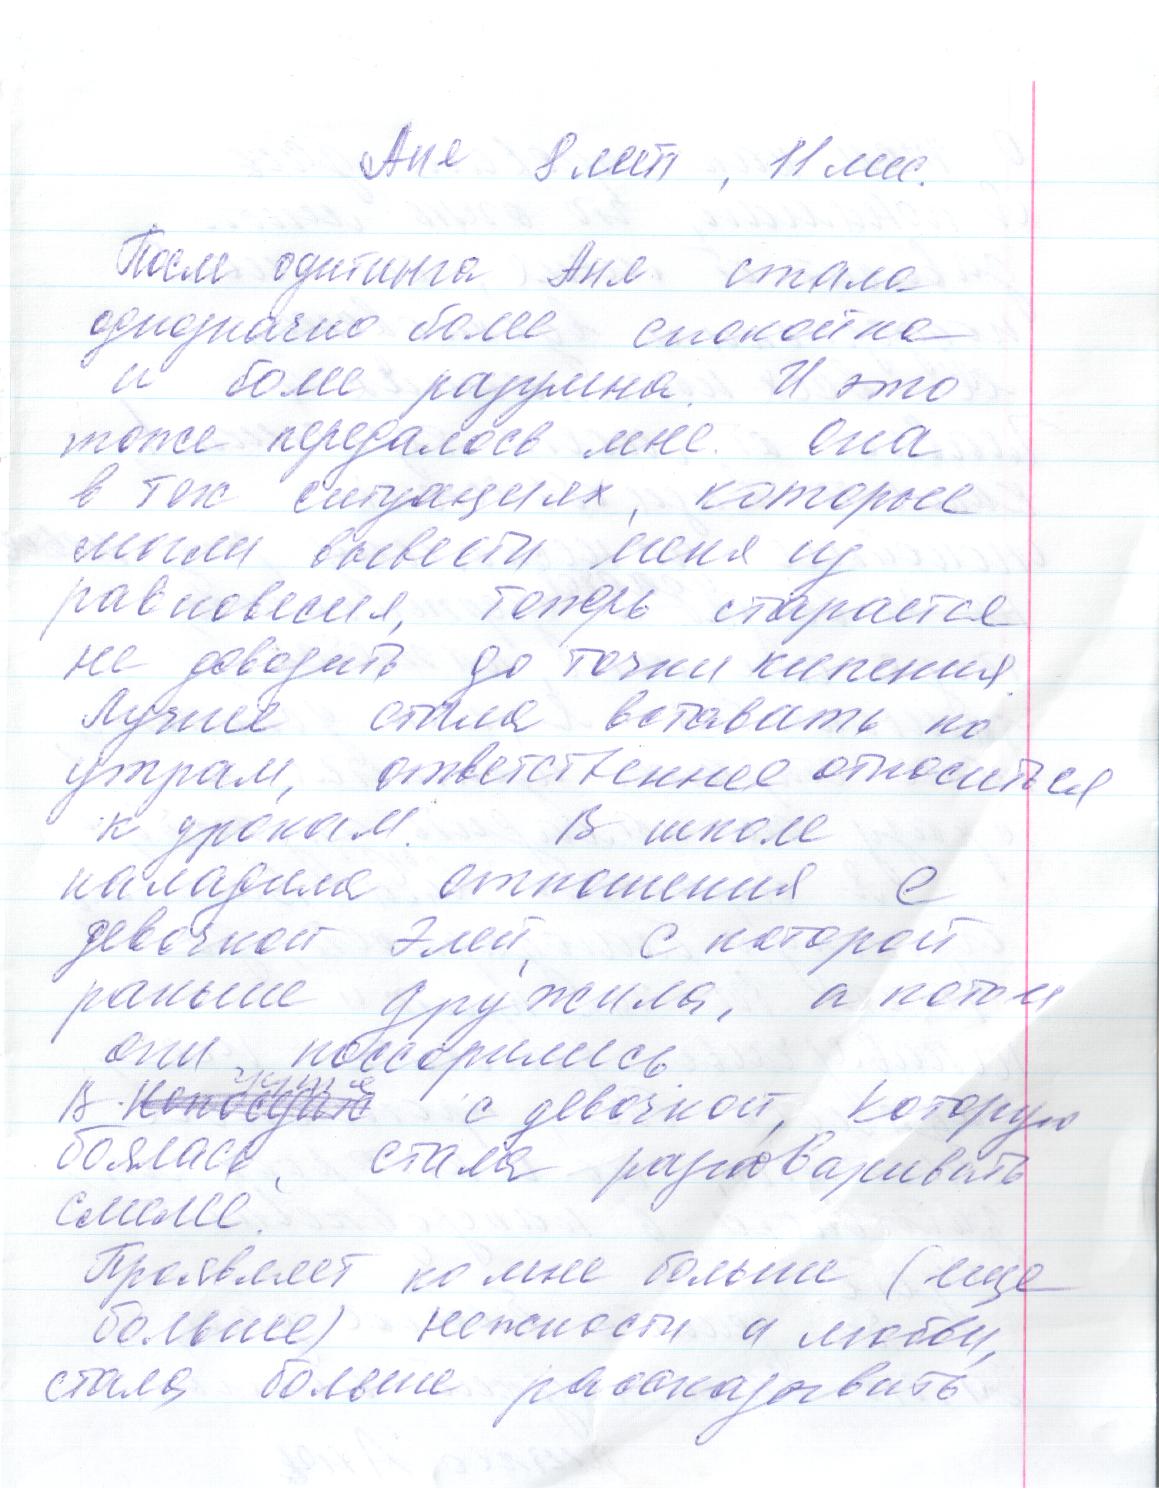 Леонов Вячеслав отзывы о работе